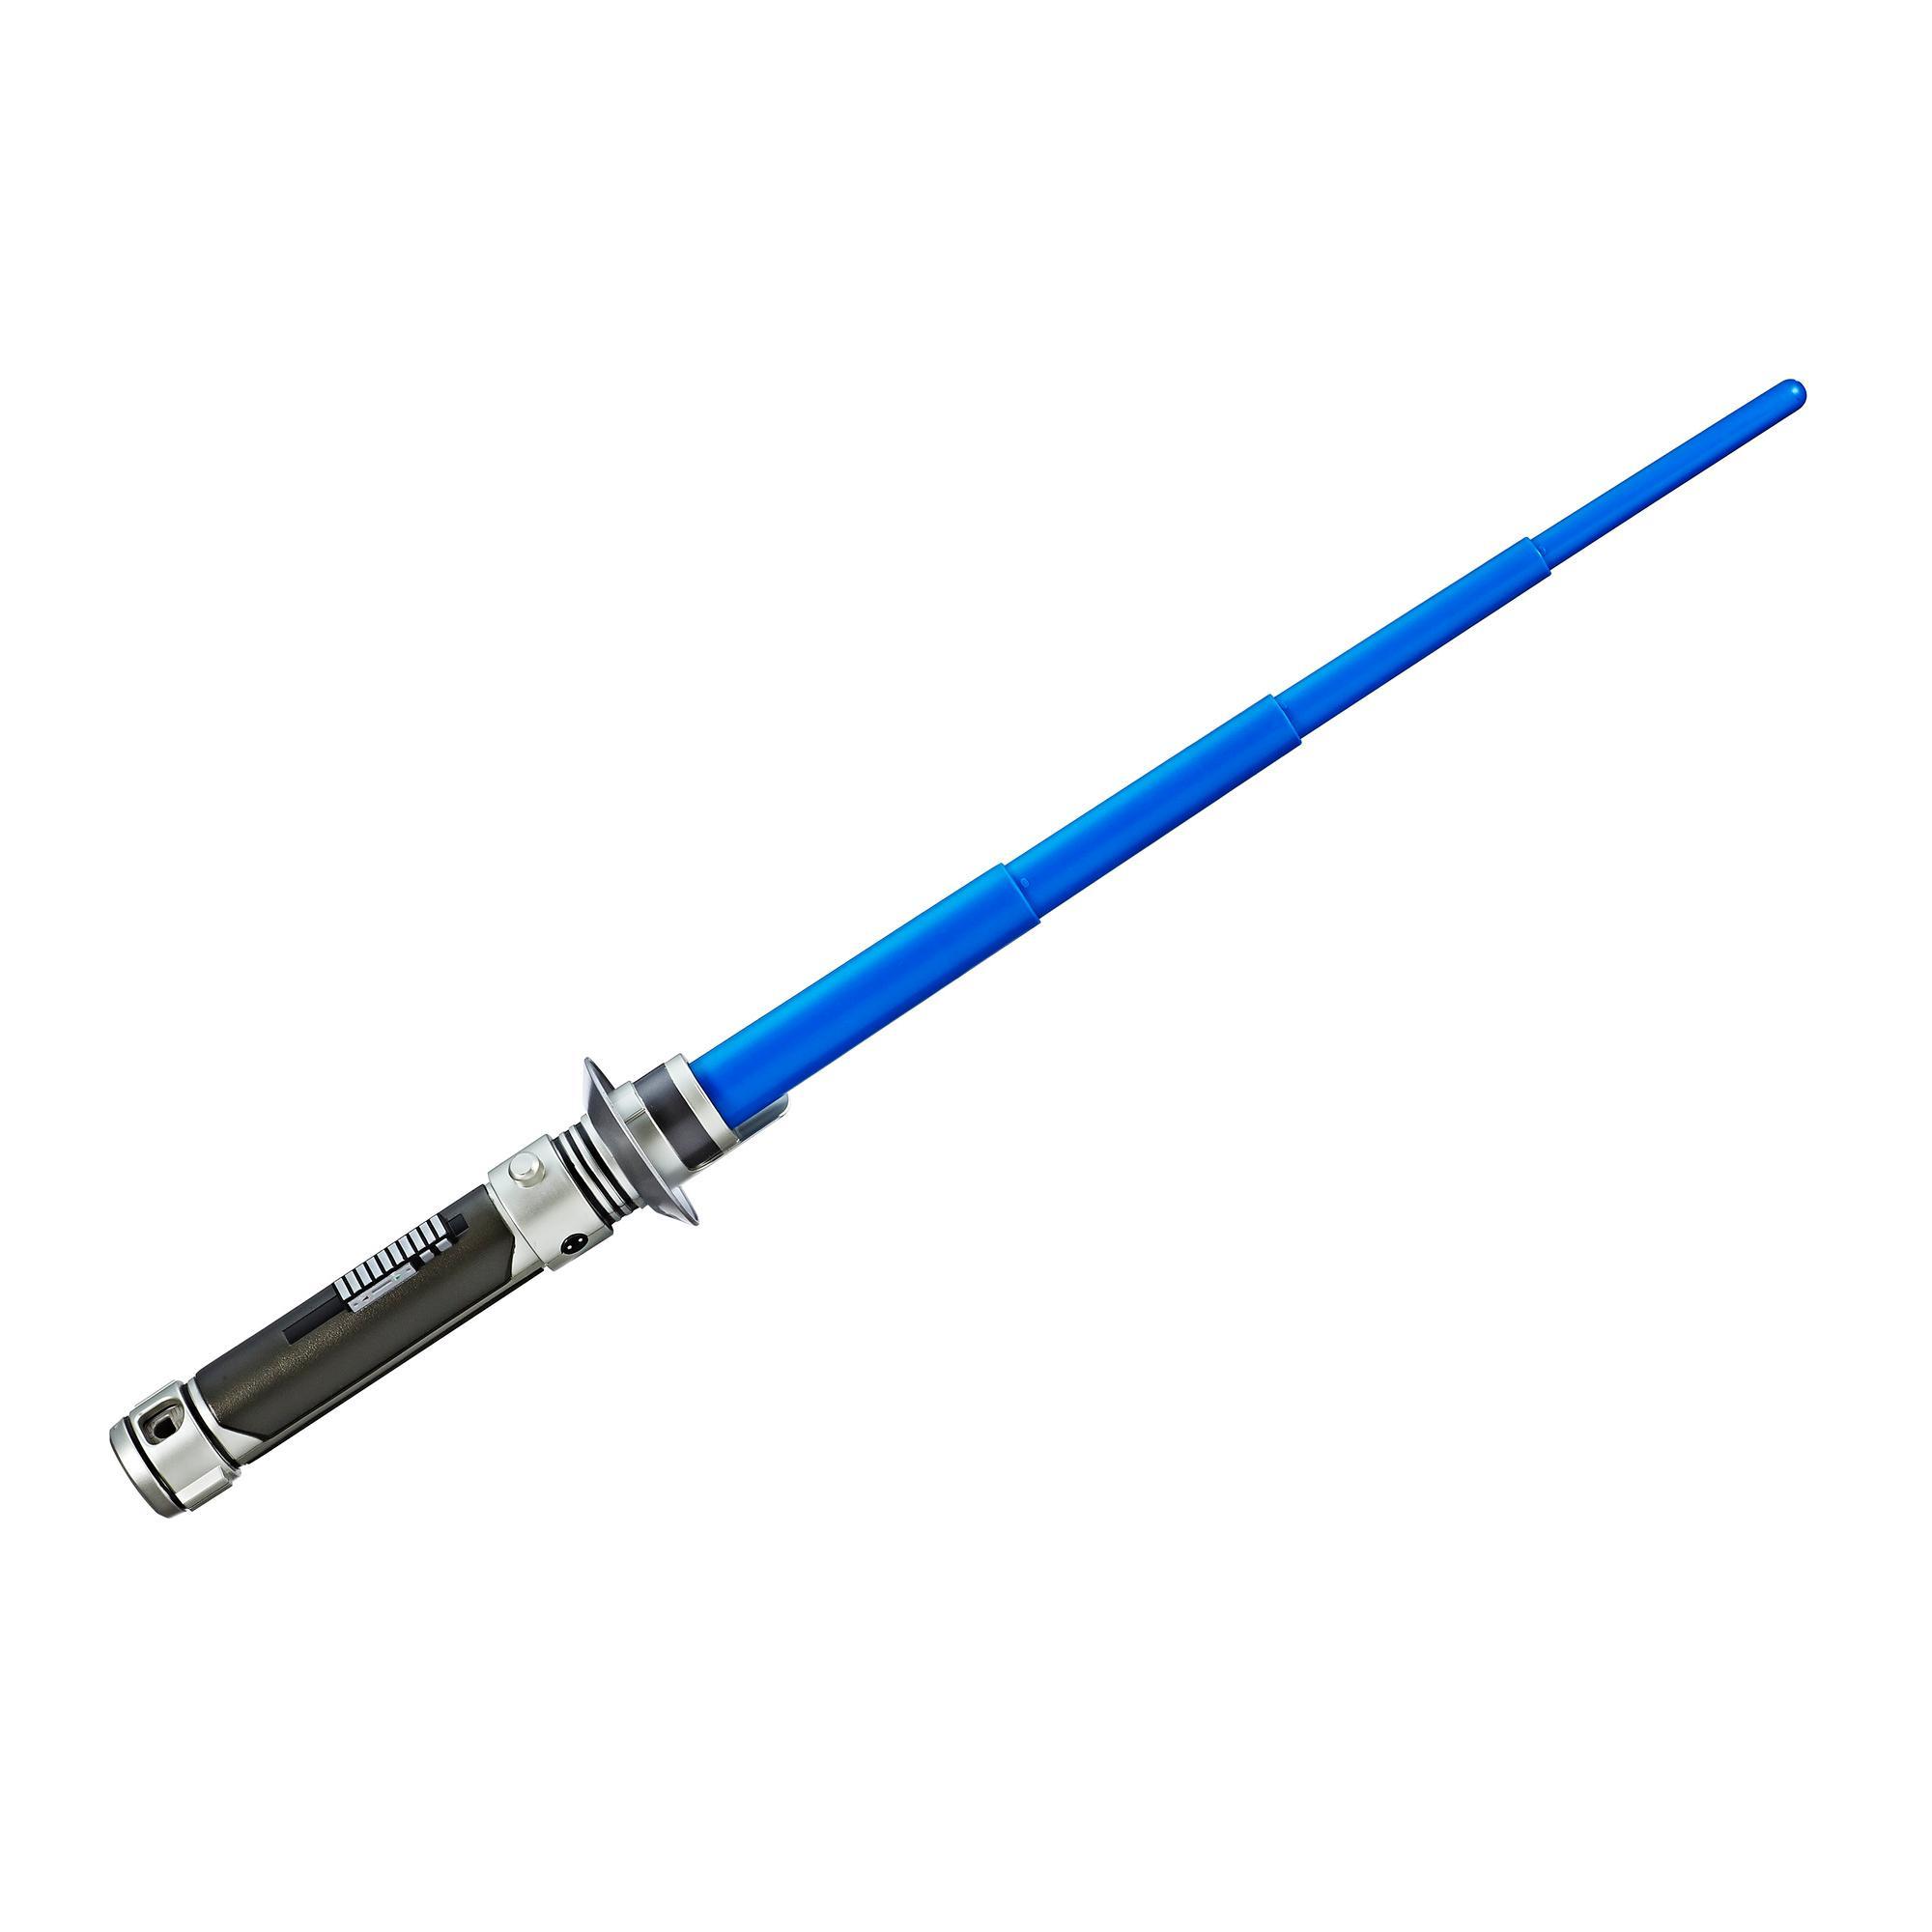 Star Wars Rebels - Kanan Jarrus - Sable de luz extensible